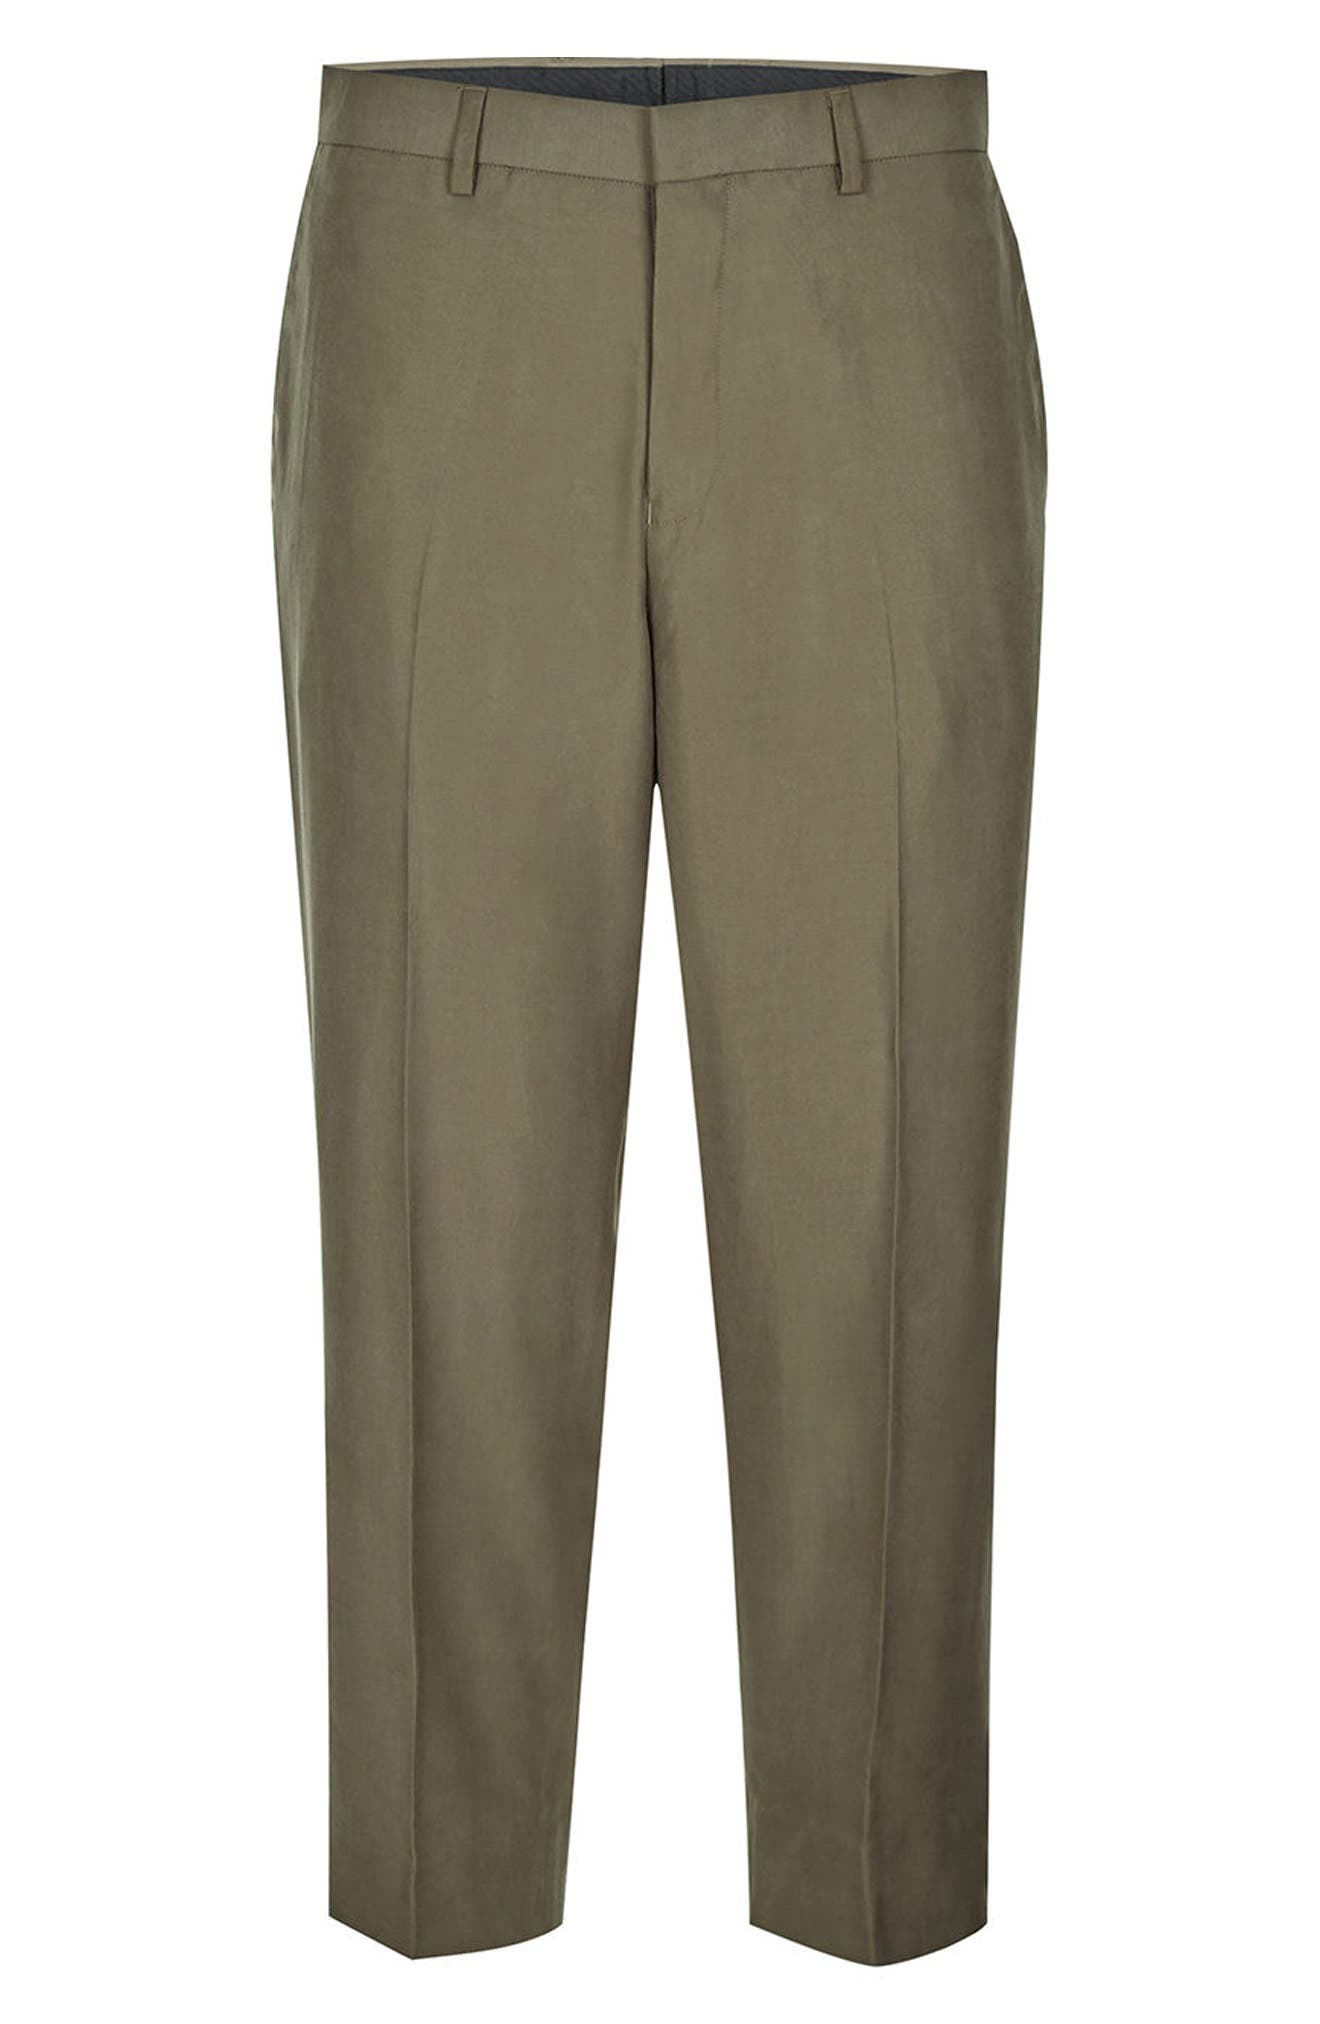 Crop Wide Leg Trousers,                             Alternate thumbnail 4, color,                             300